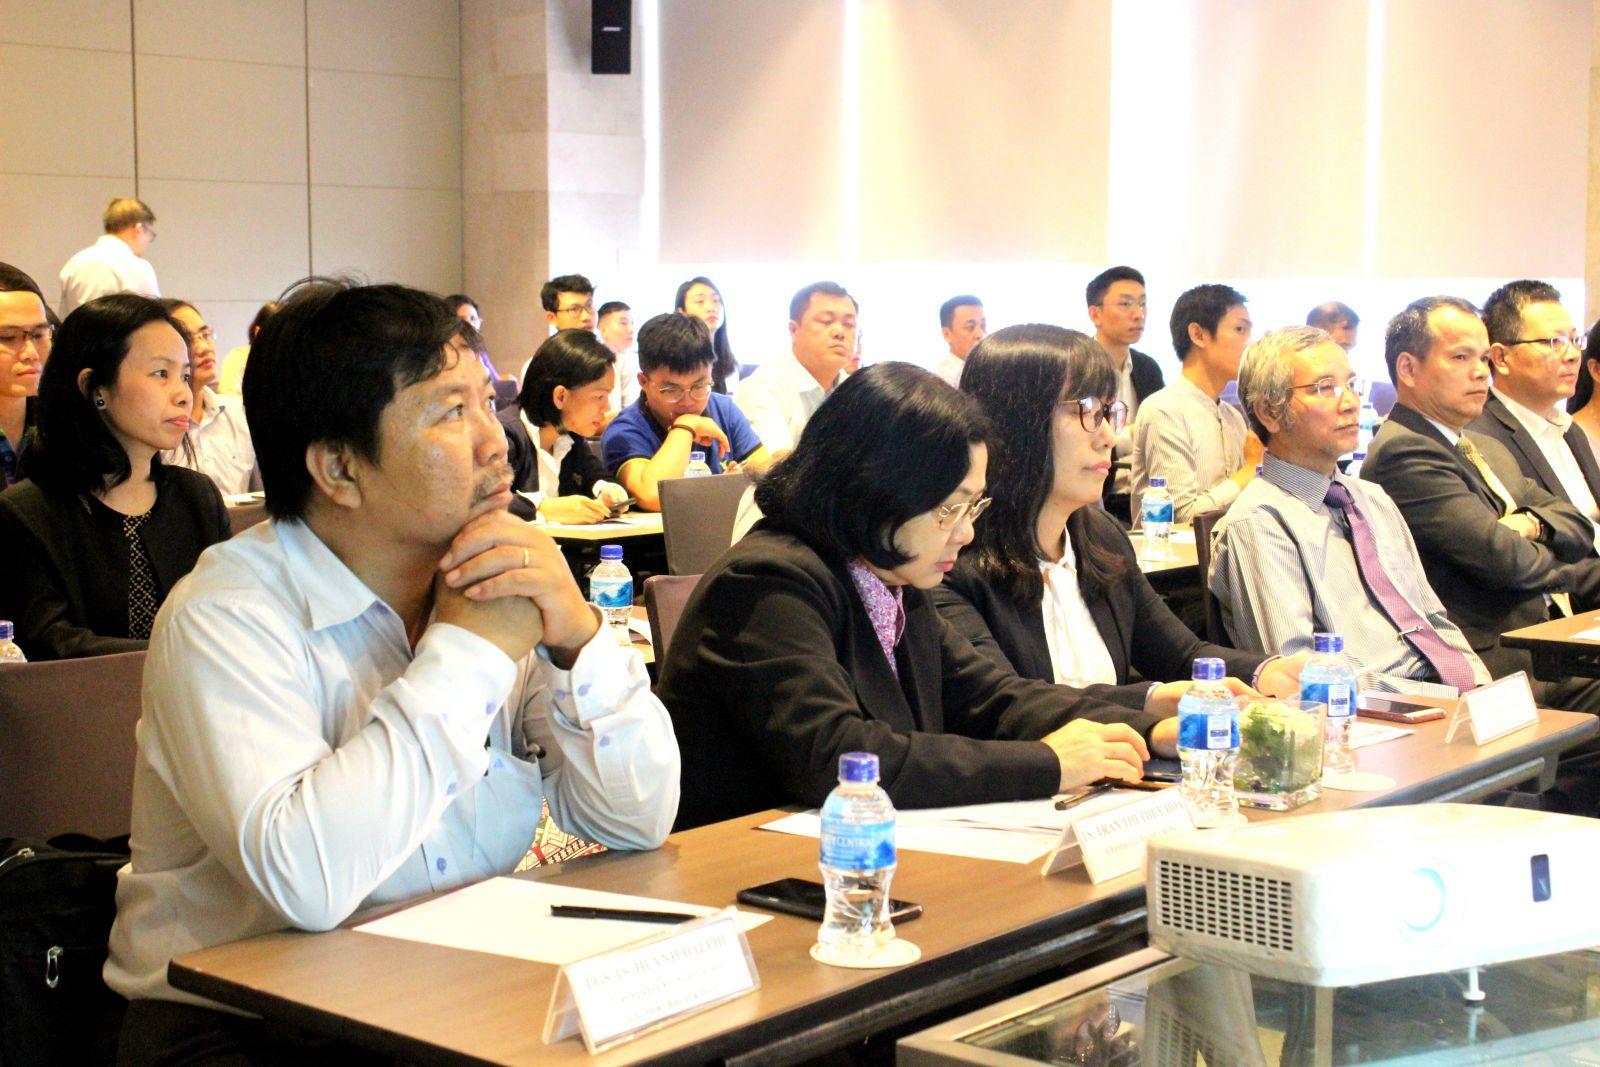 Ban tổ chức hội thảo trân trọng đón tiếp các đại biểu đến từ Bộ ngành, Hiệp hội, trường  Đại học và các chuyên gia hàng đầu